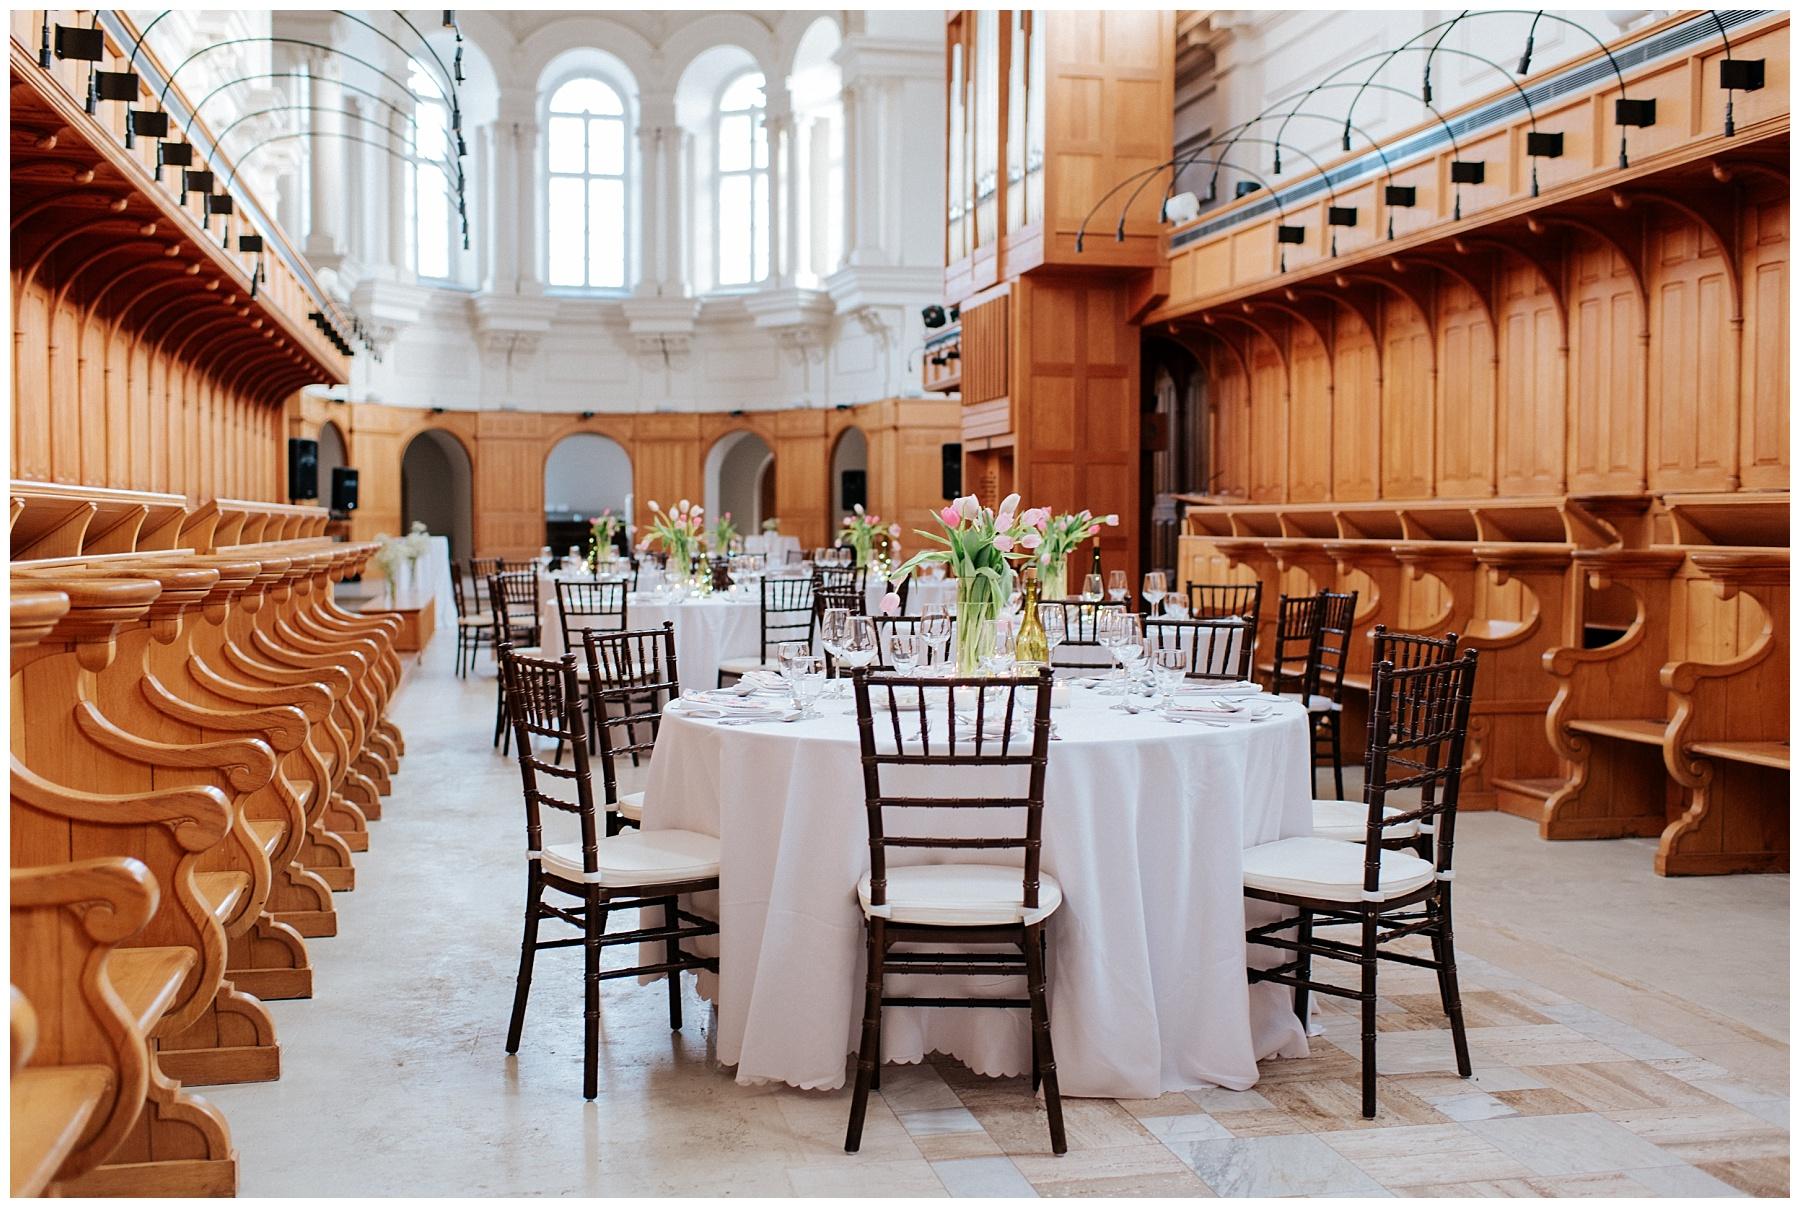 La salle de réception est prête à accueillir les invités. L'abbaye d'Oka accueil de nombreux mariages au courant de l'année autant en hiver qu'en été.